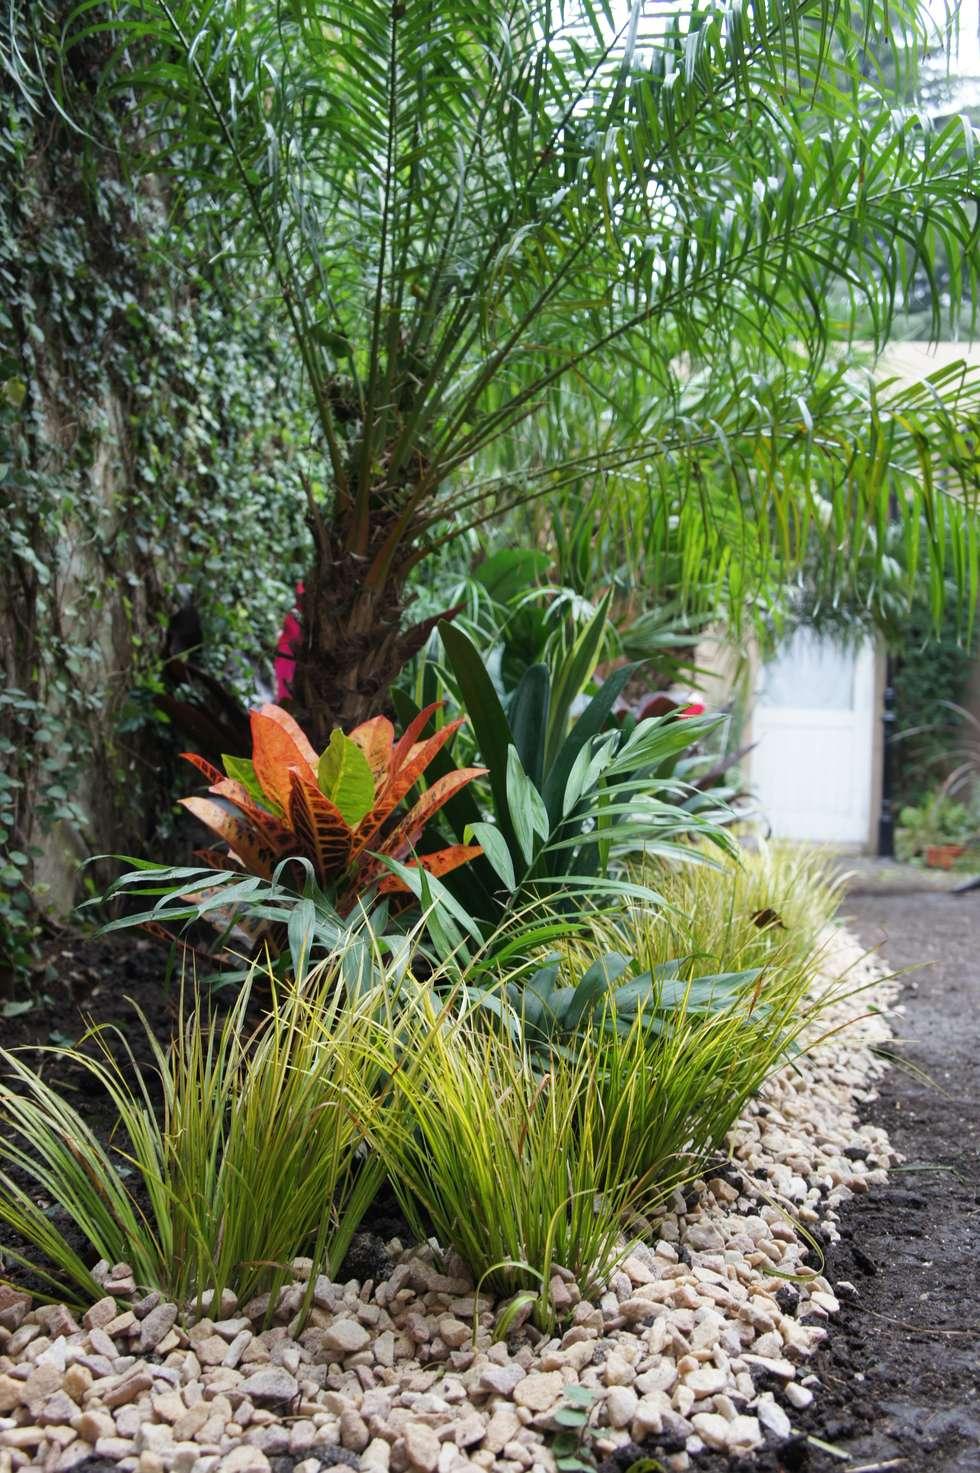 Im genes de decoraci n y dise o de interiores homify for Arquitectura de jardines